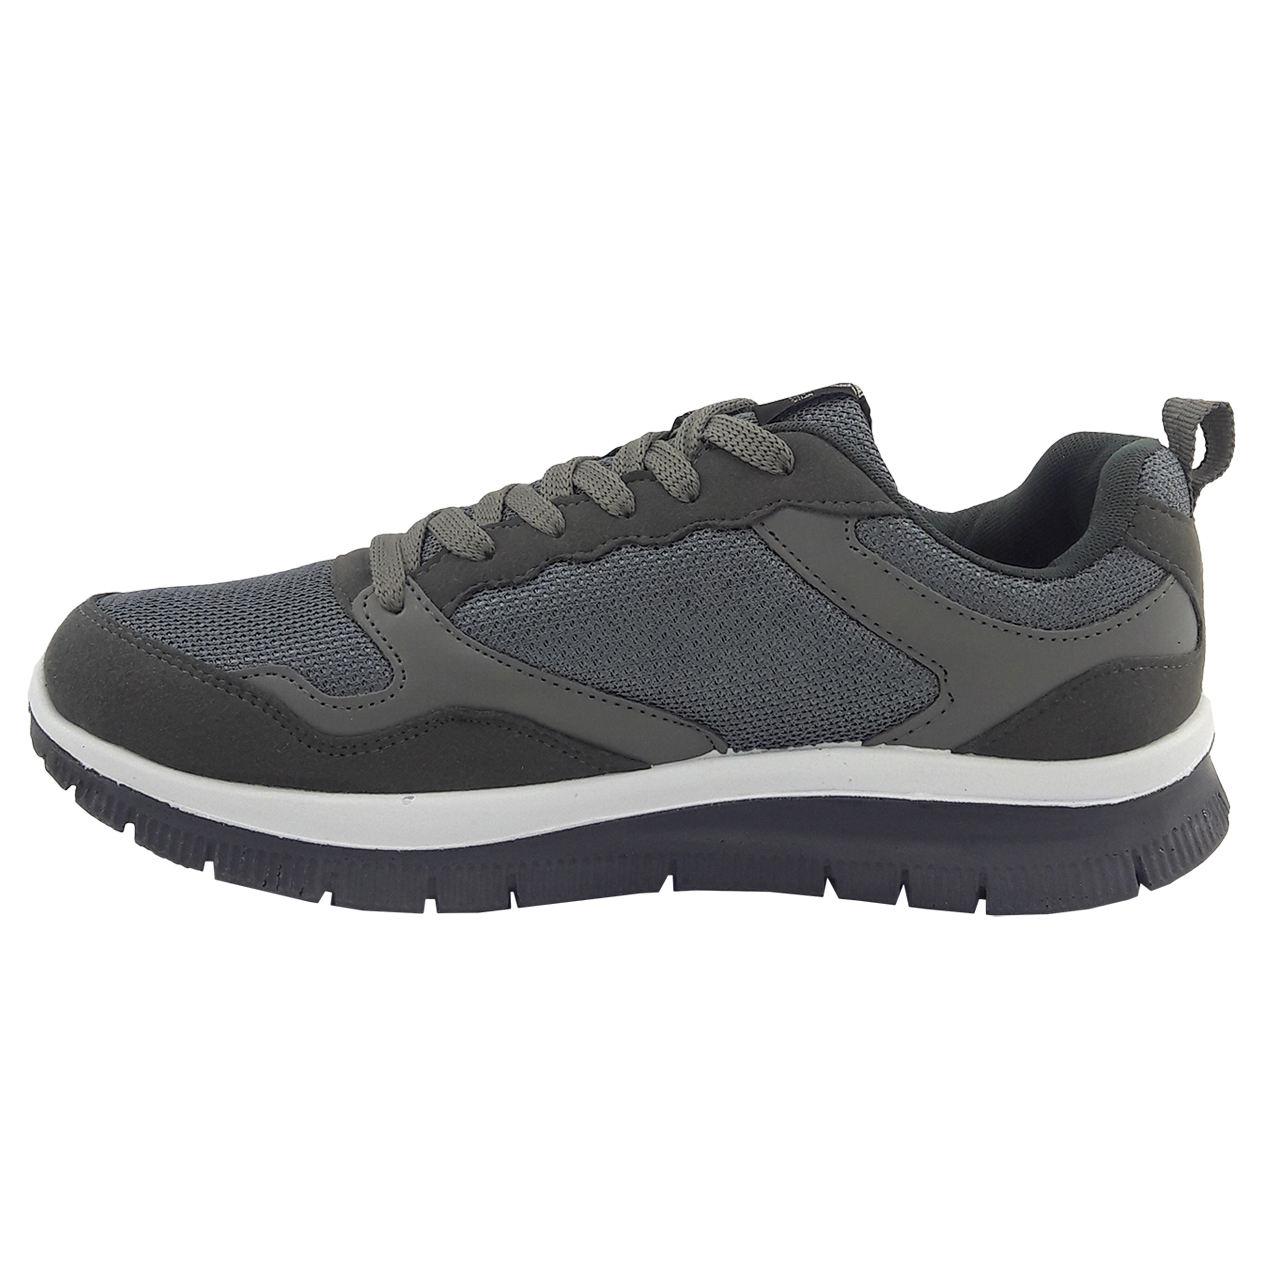 قیمت کفش مخصوص پیاده روی مردانه مدل gry 2.n